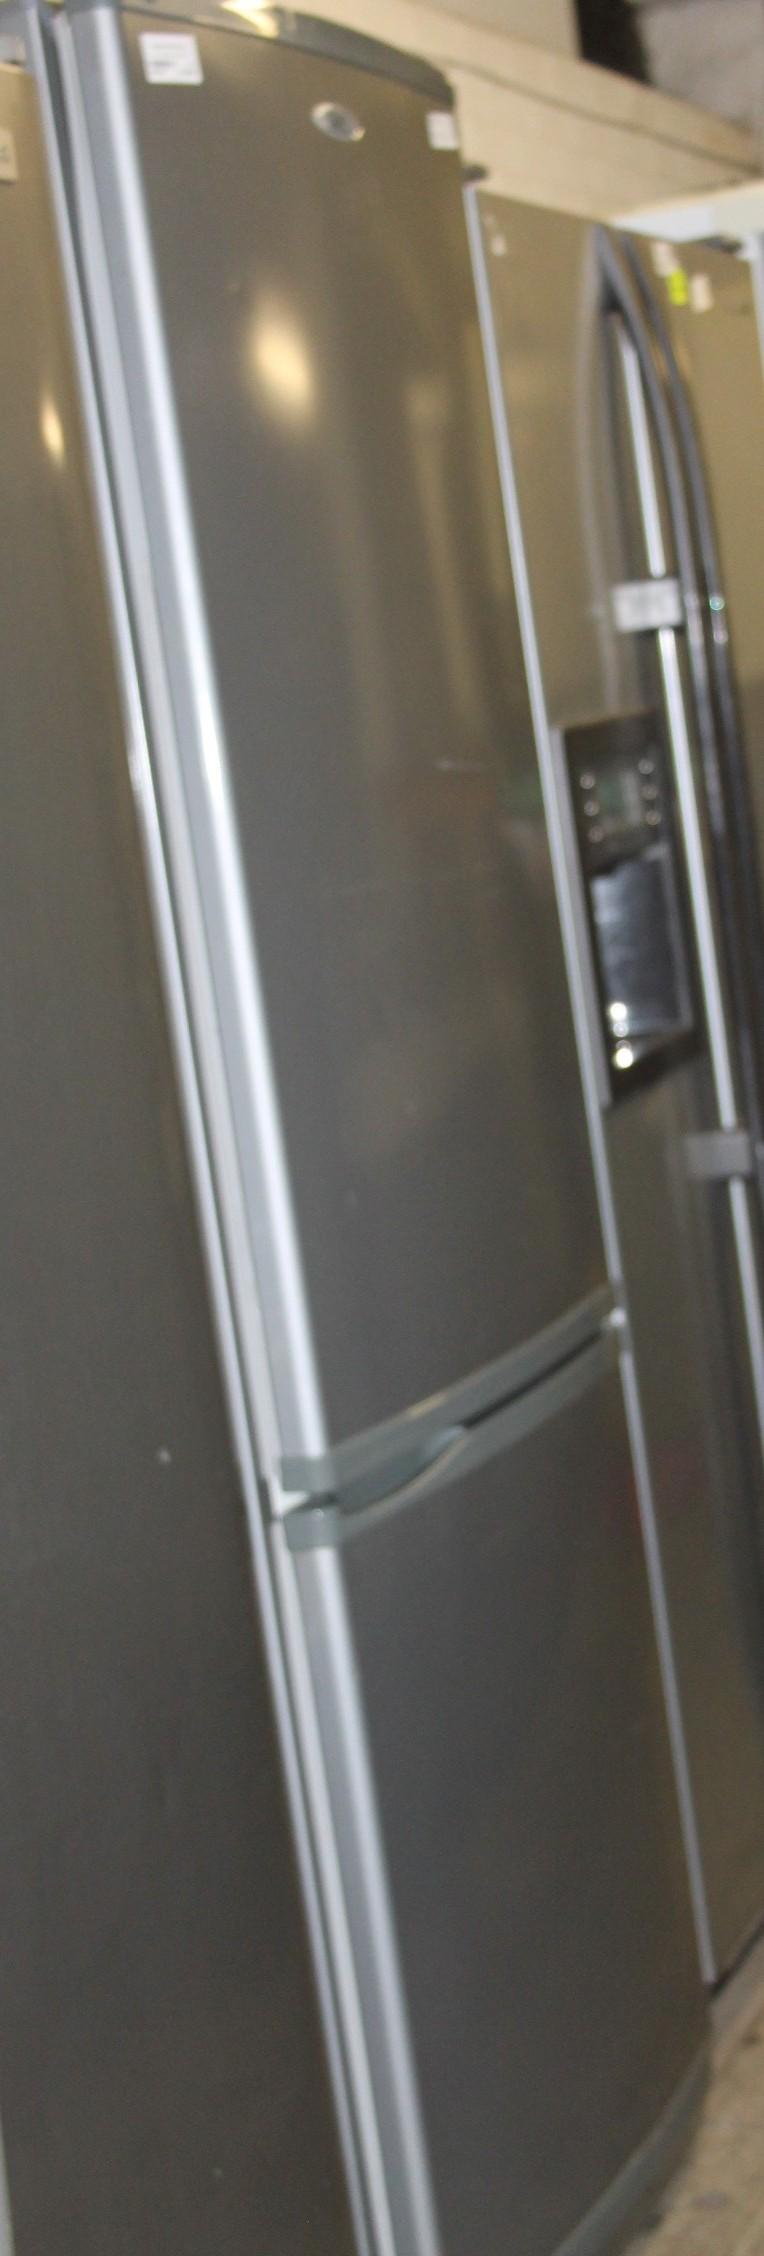 Defy fridge S028419a #Rosettenvillepawnshop